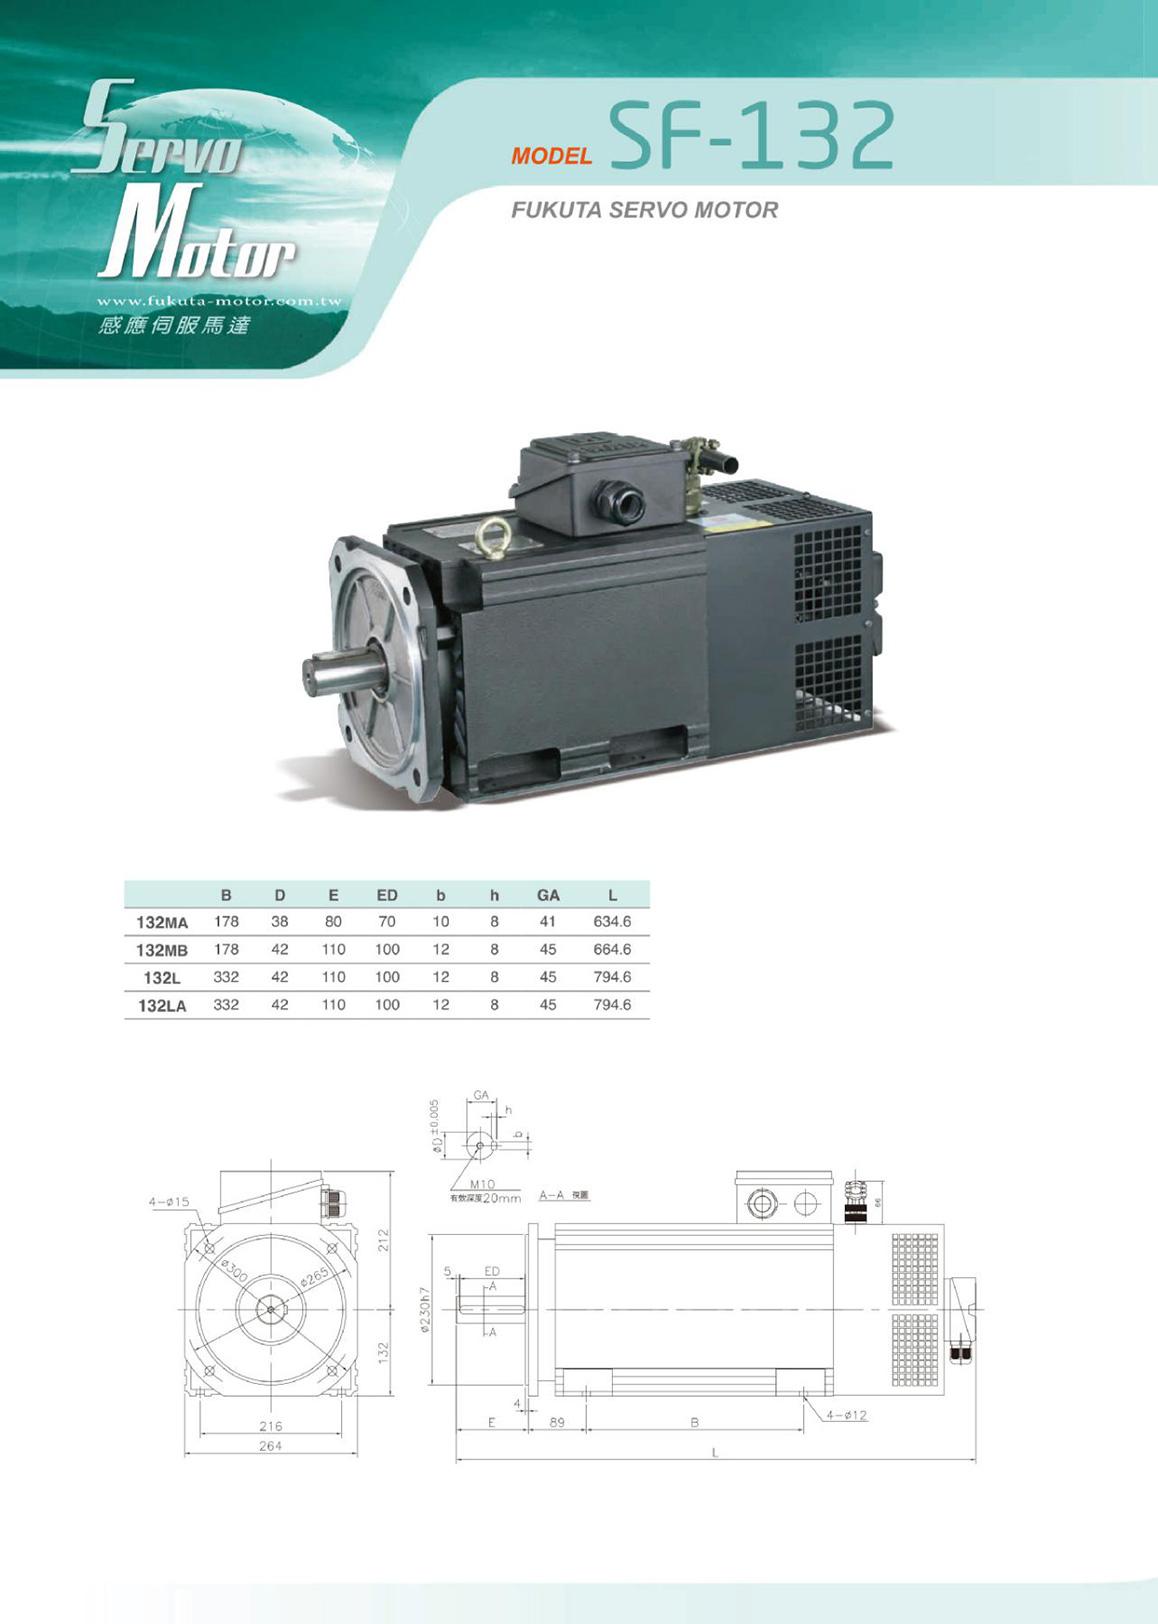 伺服马达 伺服马达 调速电机 振动电机 变频电机